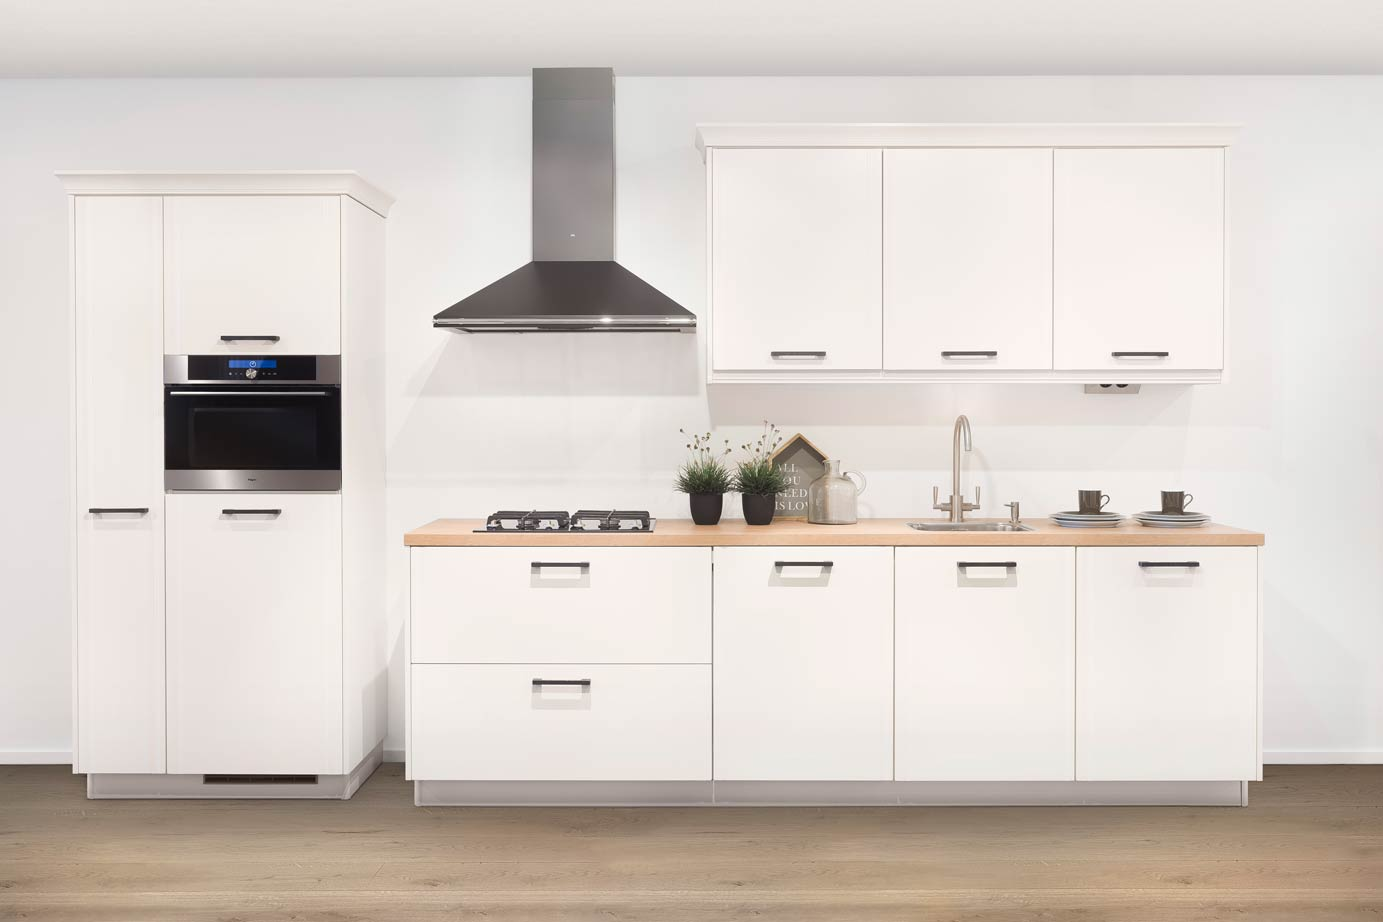 Zwart Witte Keuken : heb een schitterende witte Residentic keuken gekocht. Met deze keukens